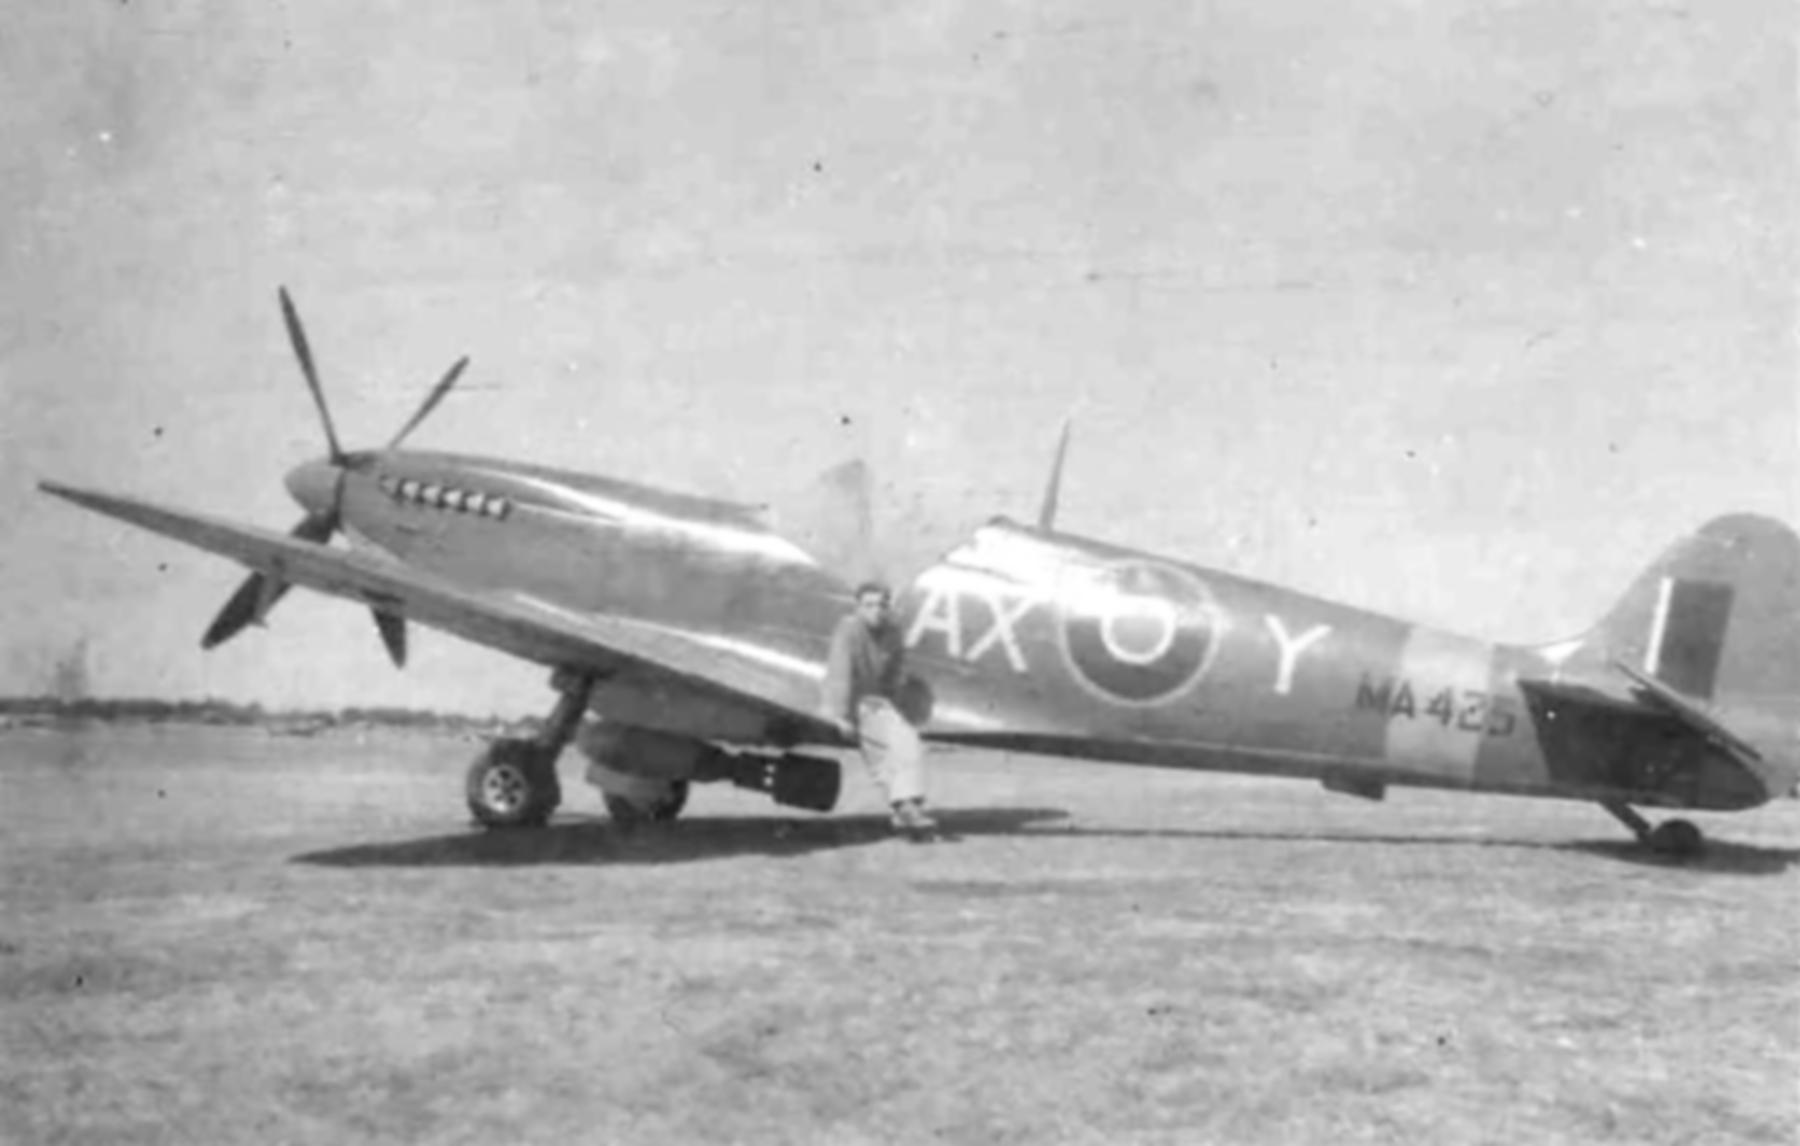 Spitfire MkIX SAAF 1Sqn AXY MA423 Italy 1943 04